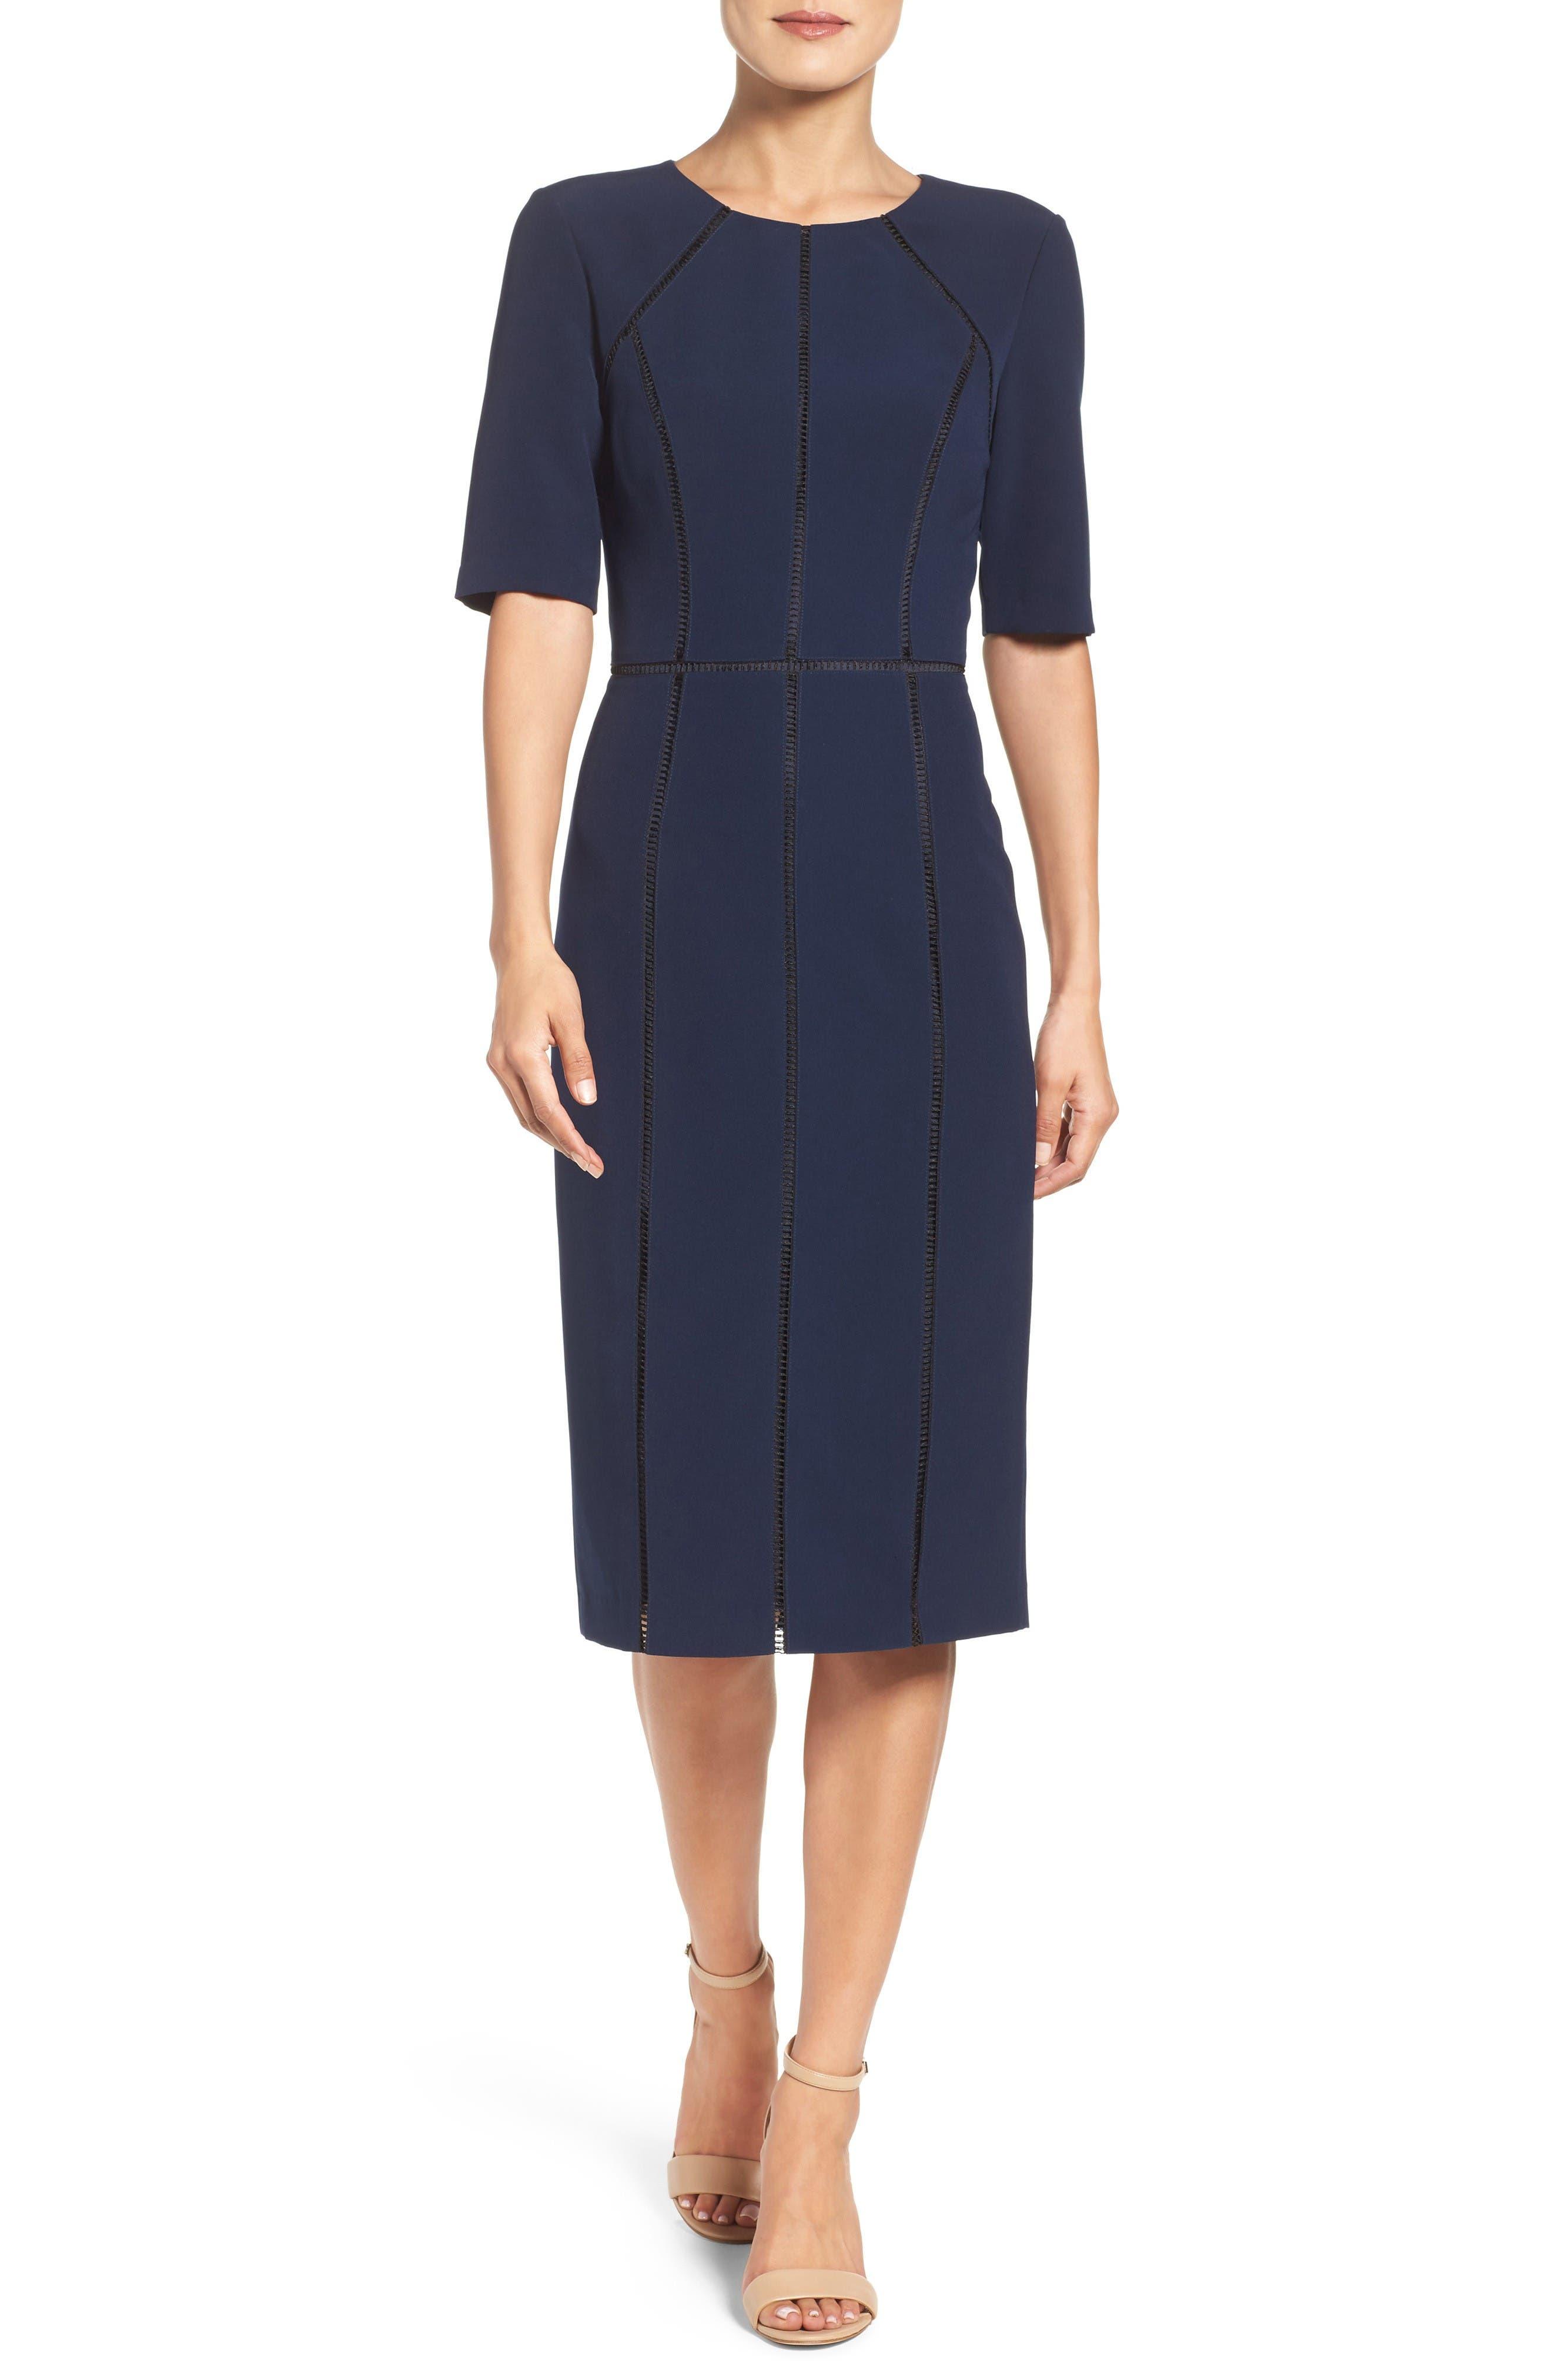 Main Image - Maggy London Solid Dream Crepe Dress (Regular & Petite)